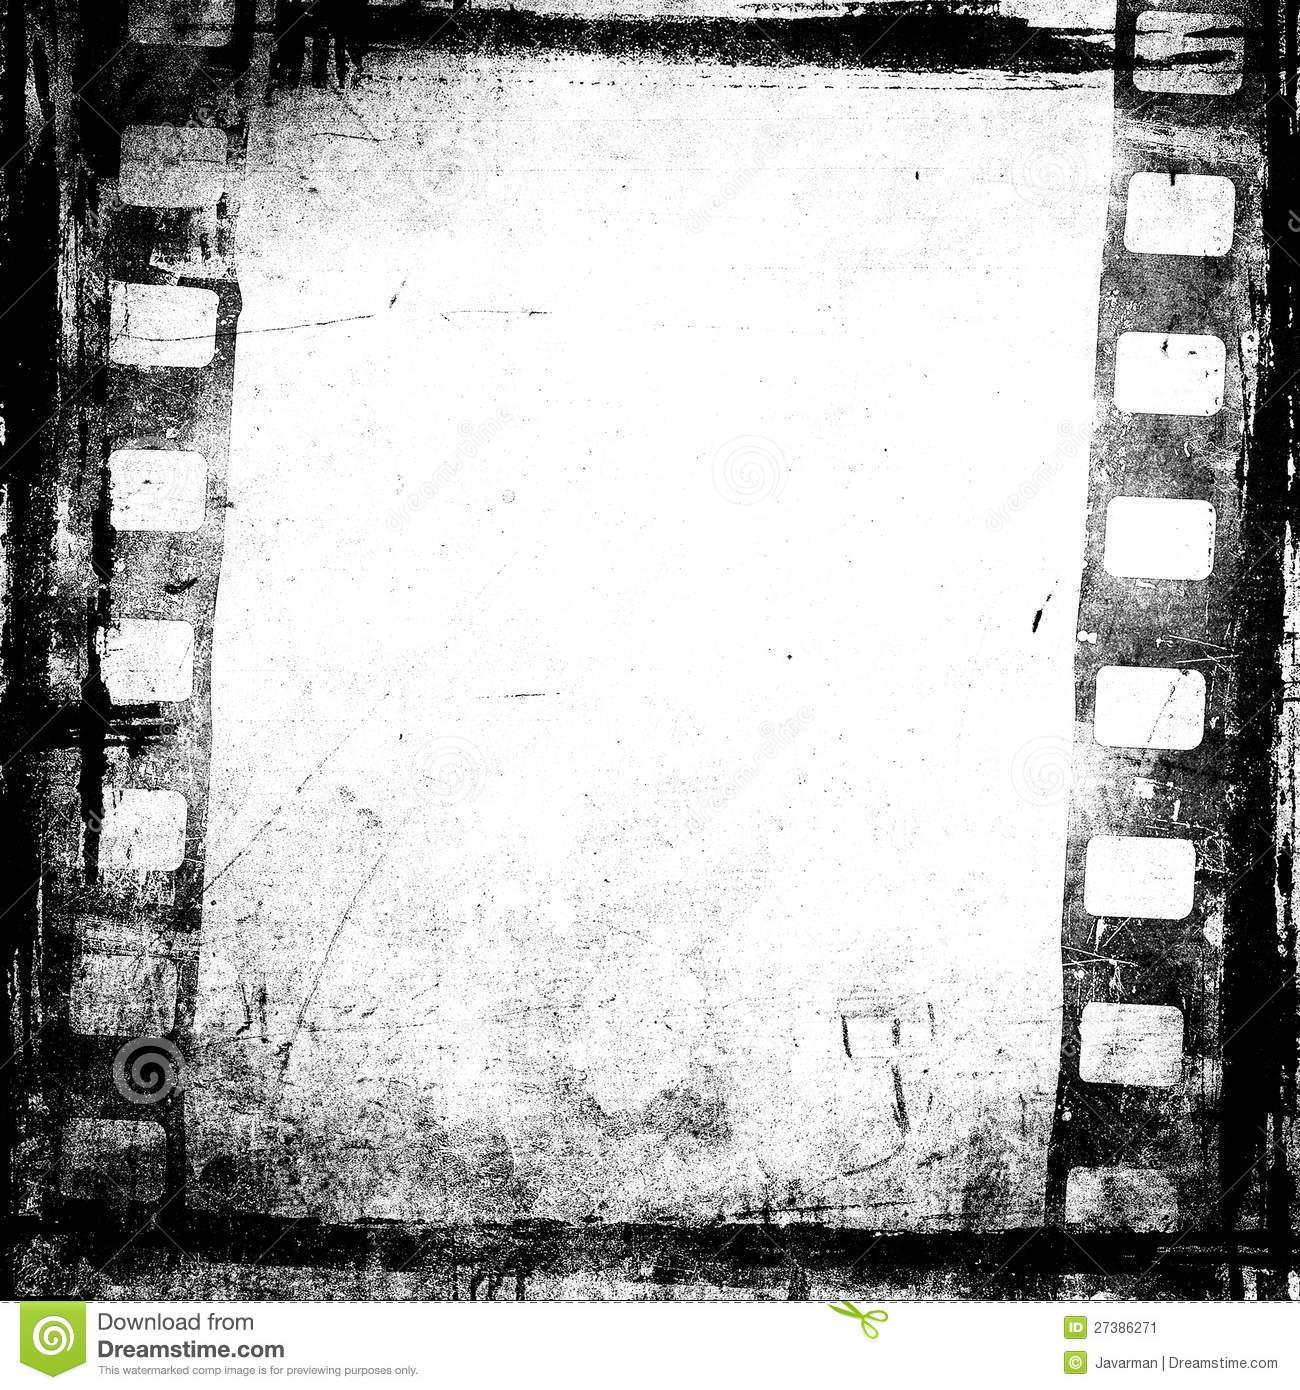 Grunge Film Background Stock Image - Image: 27386271